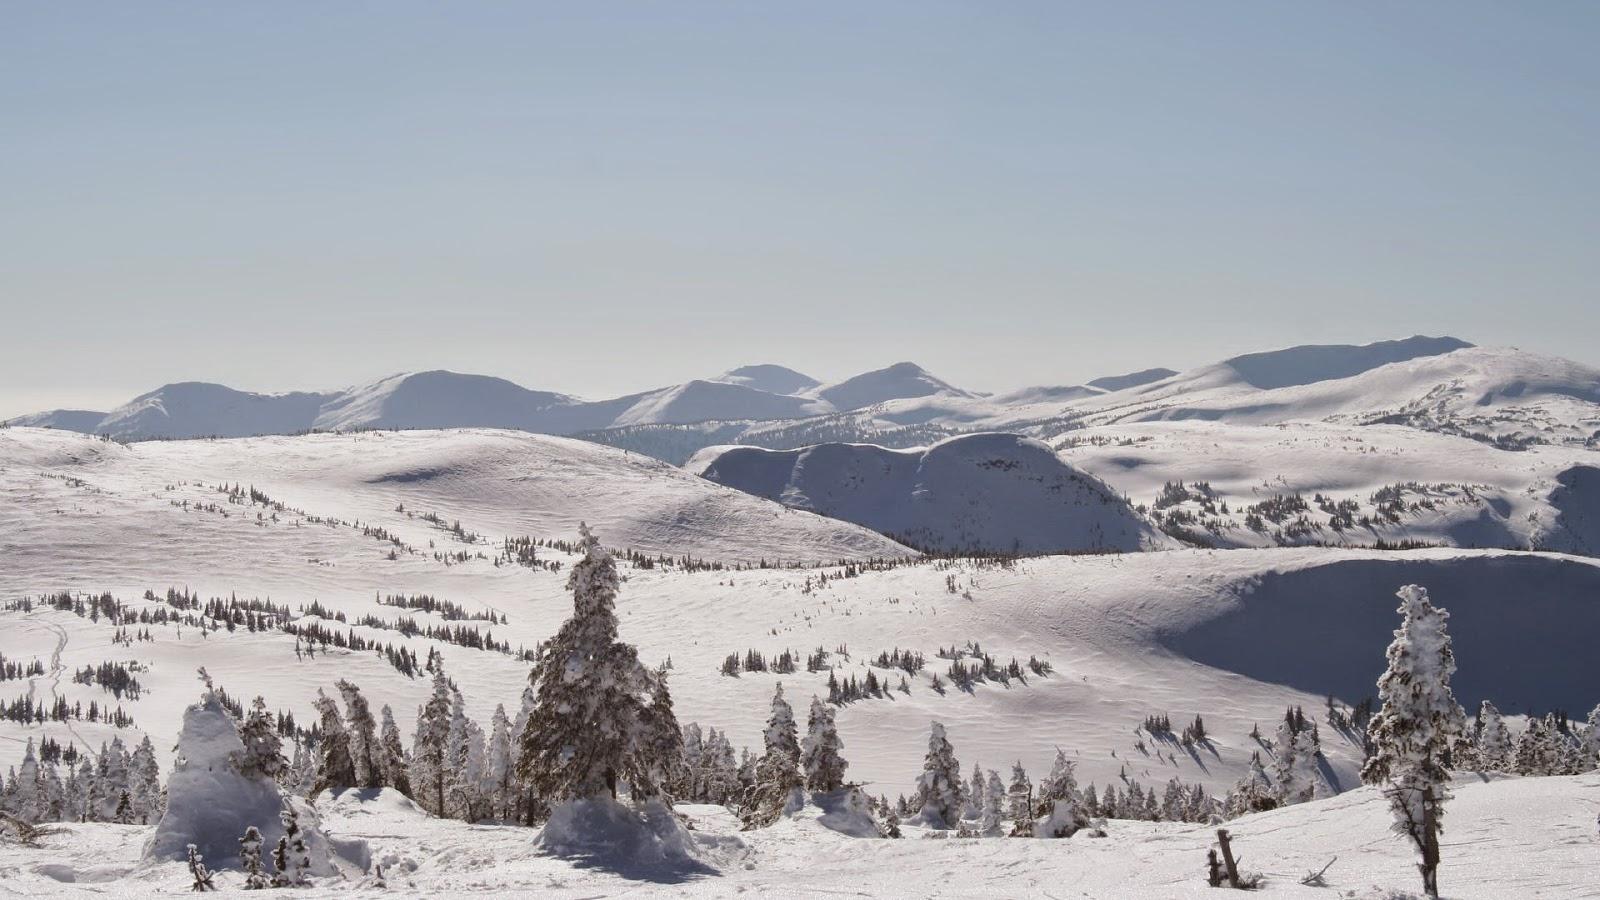 Wallpaper met winter landschap